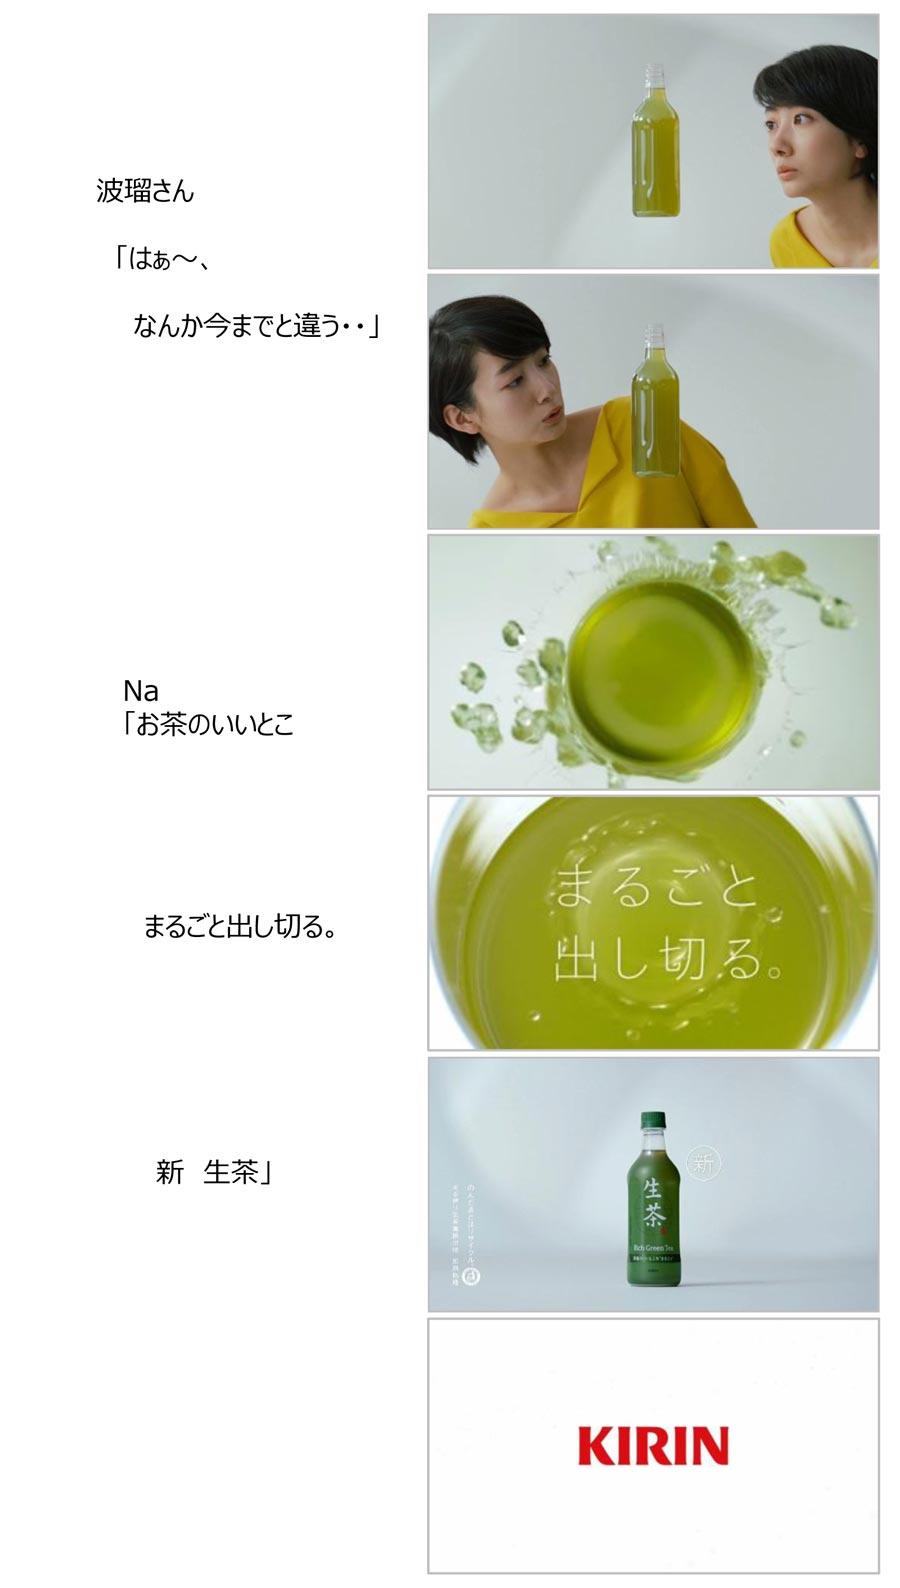 波瑠出演!キリン・生茶新CM「波瑠 ボトル篇」ストーリーボード